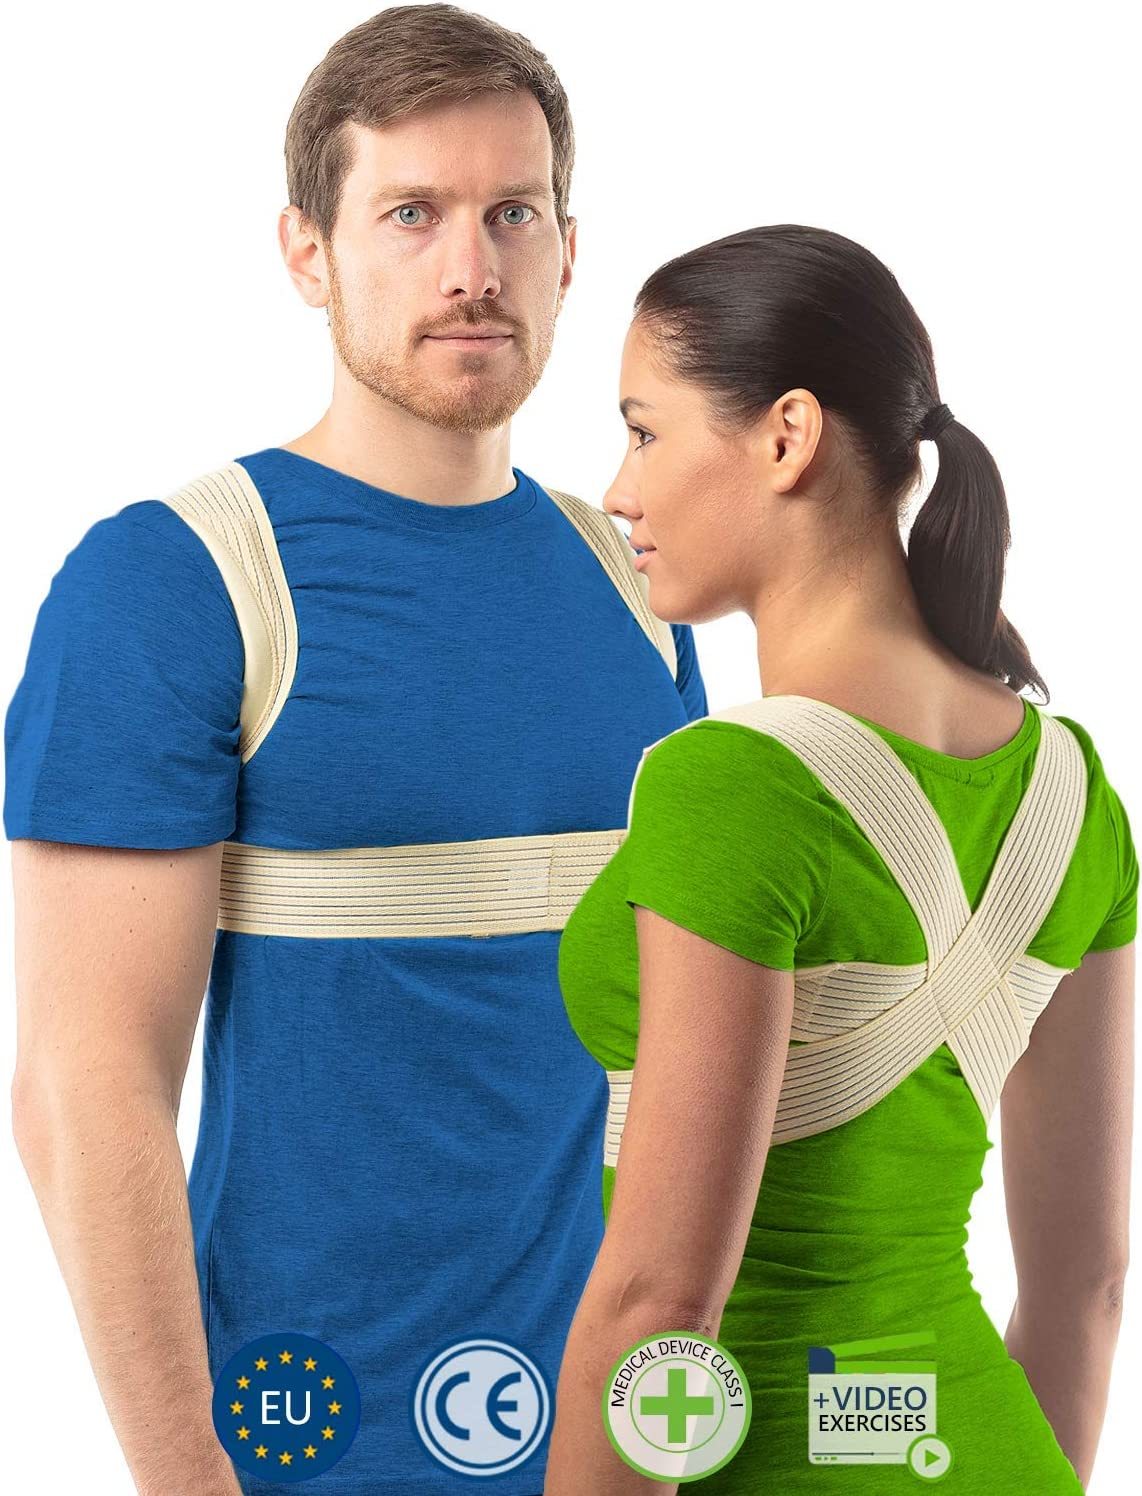 aHeal Corrector de Postura para Hombre y Mujer | Soporte para Corregir la Postura | Corsé Ortopédico para Escoliosis Cifosis | Alivio del Dolor de Espalda y Corrector de Mala Postura | Talla 4 Piel